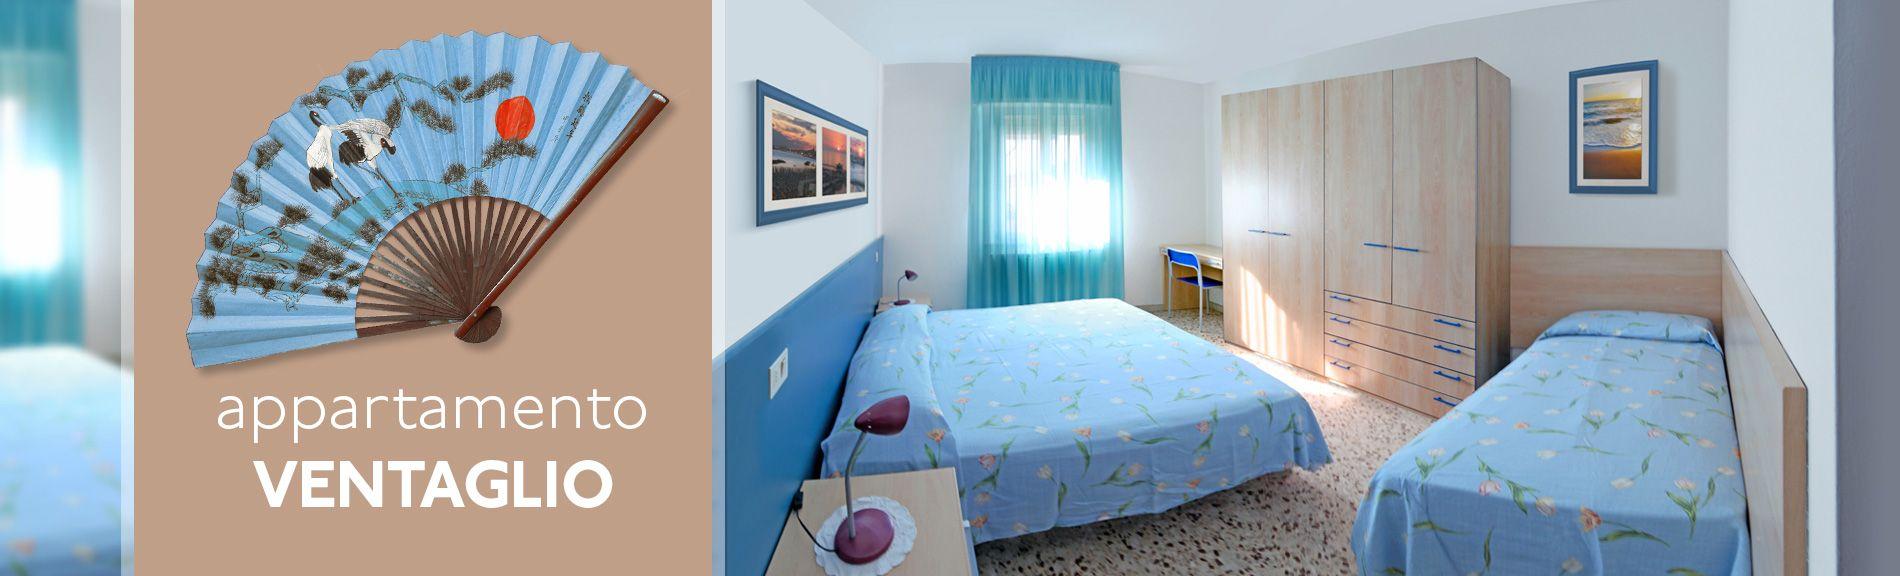 ventaglio-appartamento-misano